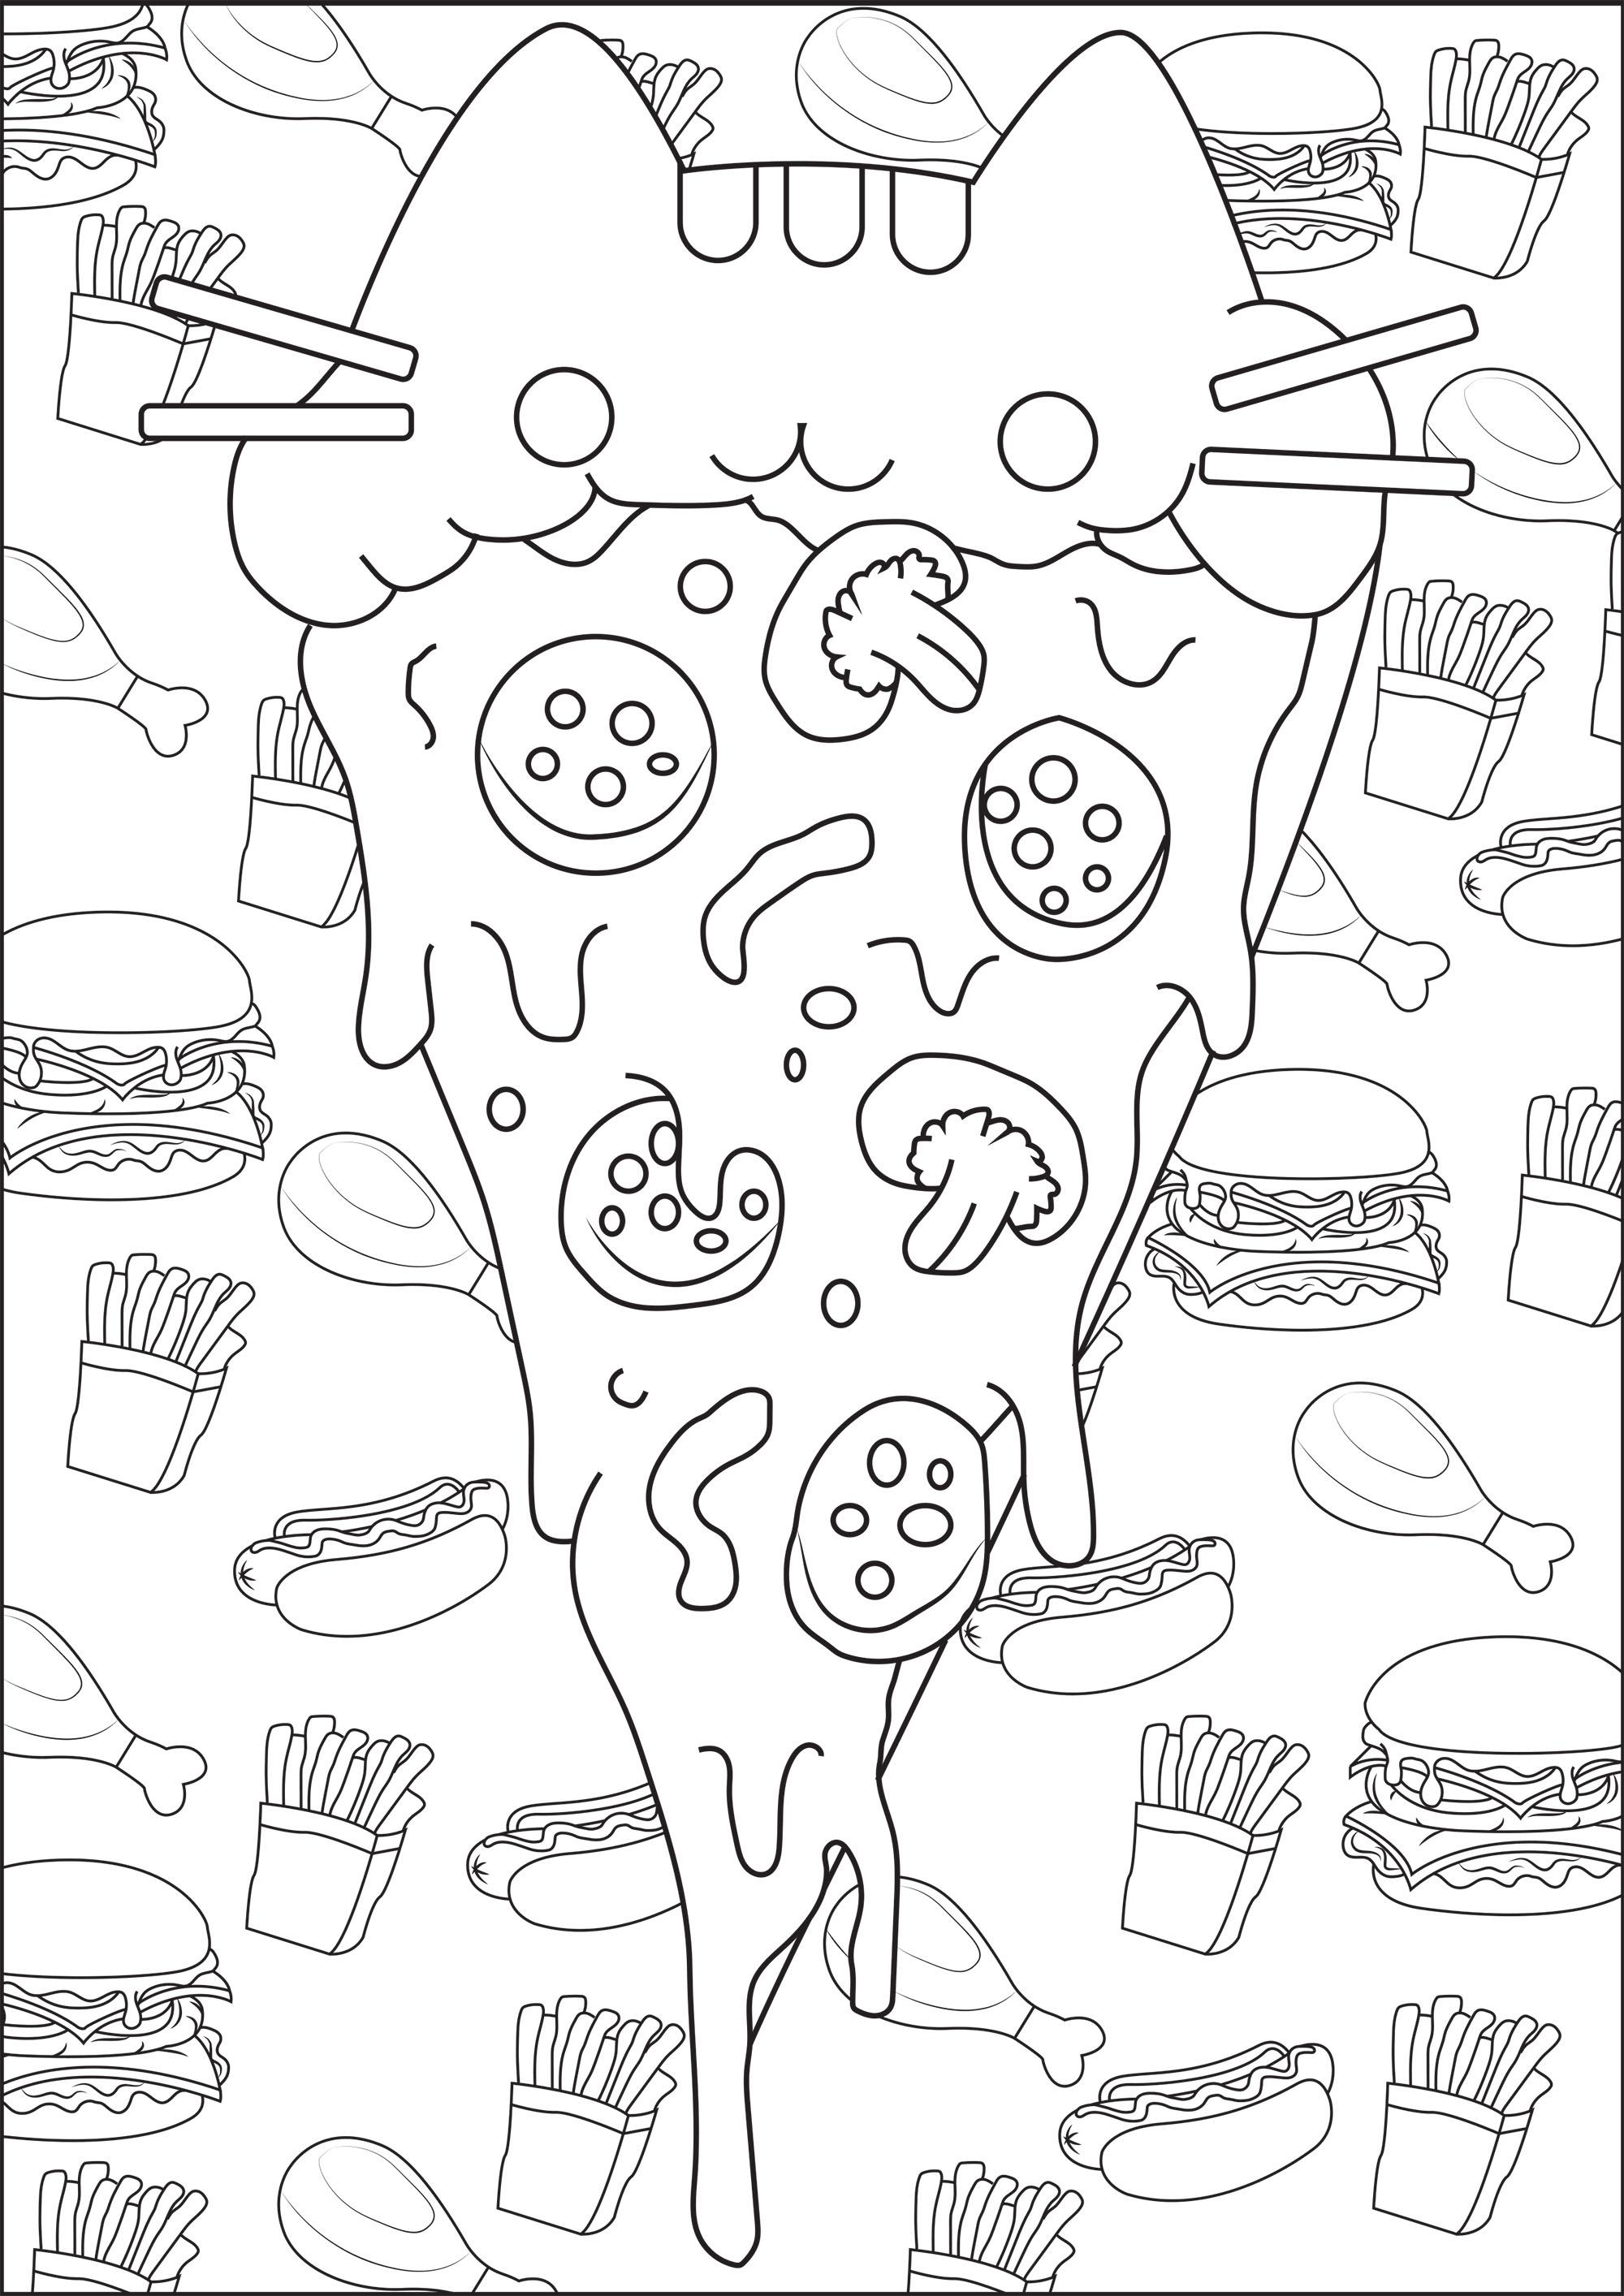 Colorear para Adultos : Doodle art / Doodling - 3